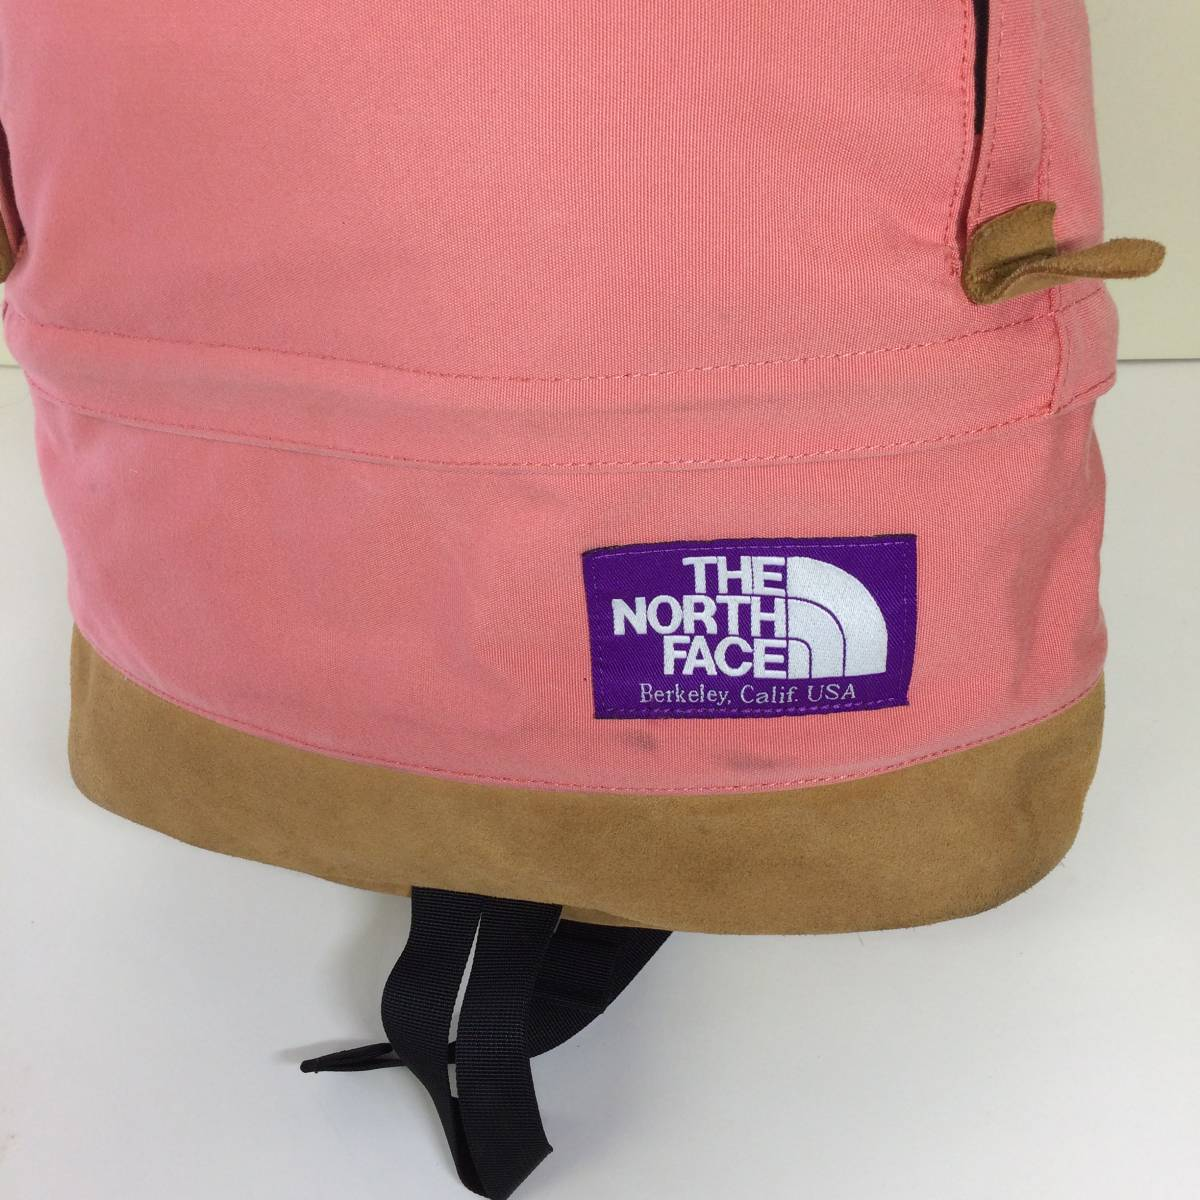 The North Face ノースフェイス パープルレーベル ボトムレザー デイパック リュック ナナミカ